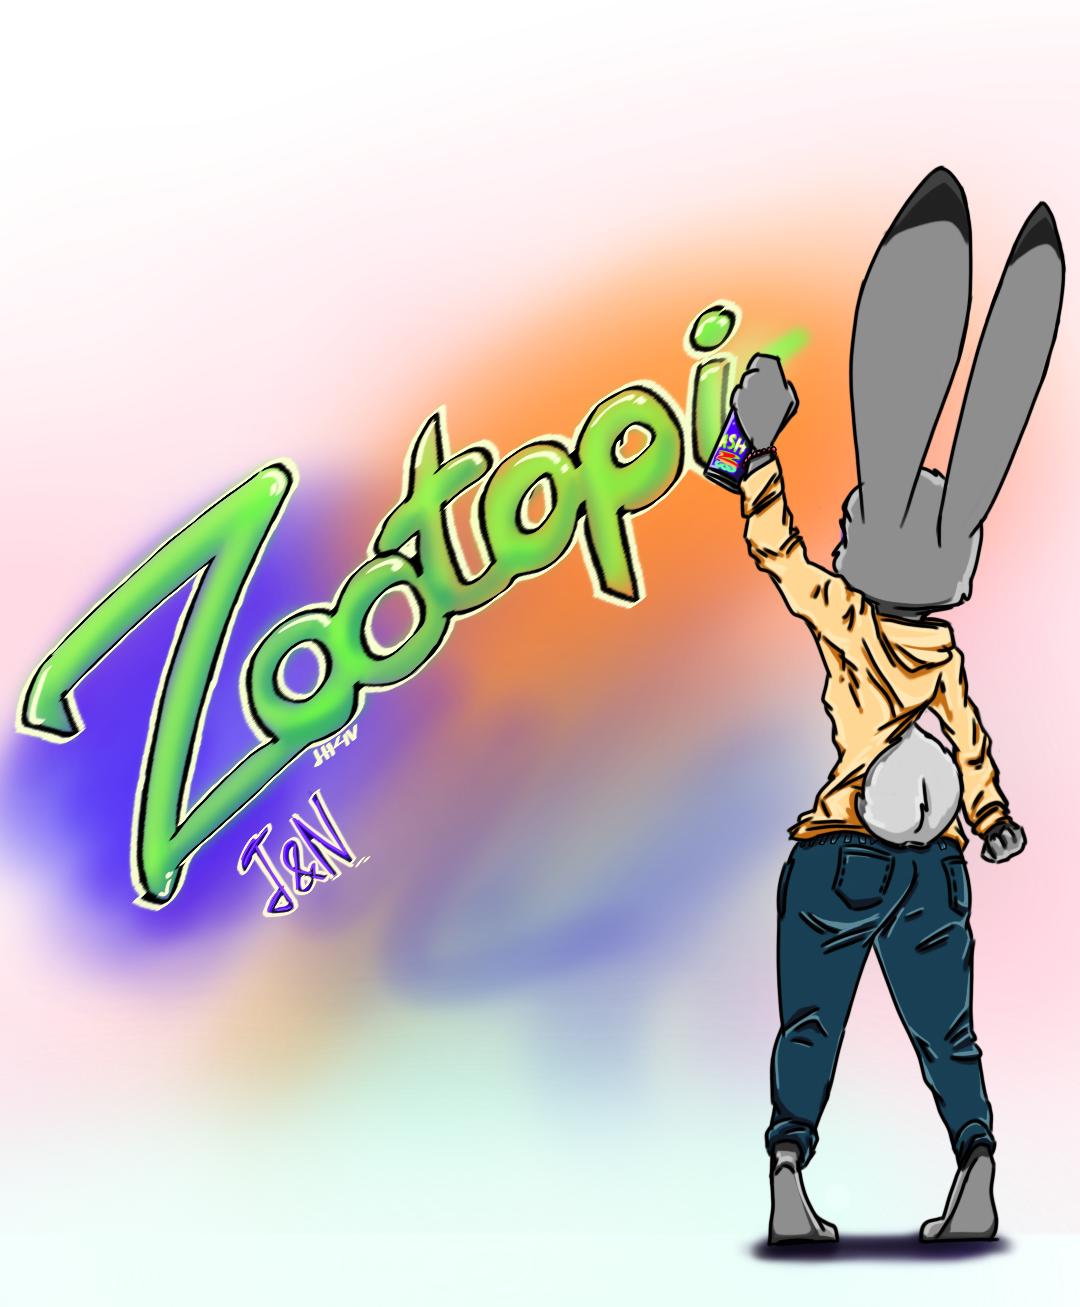 Zootopia Graffiti by JudyHopps44